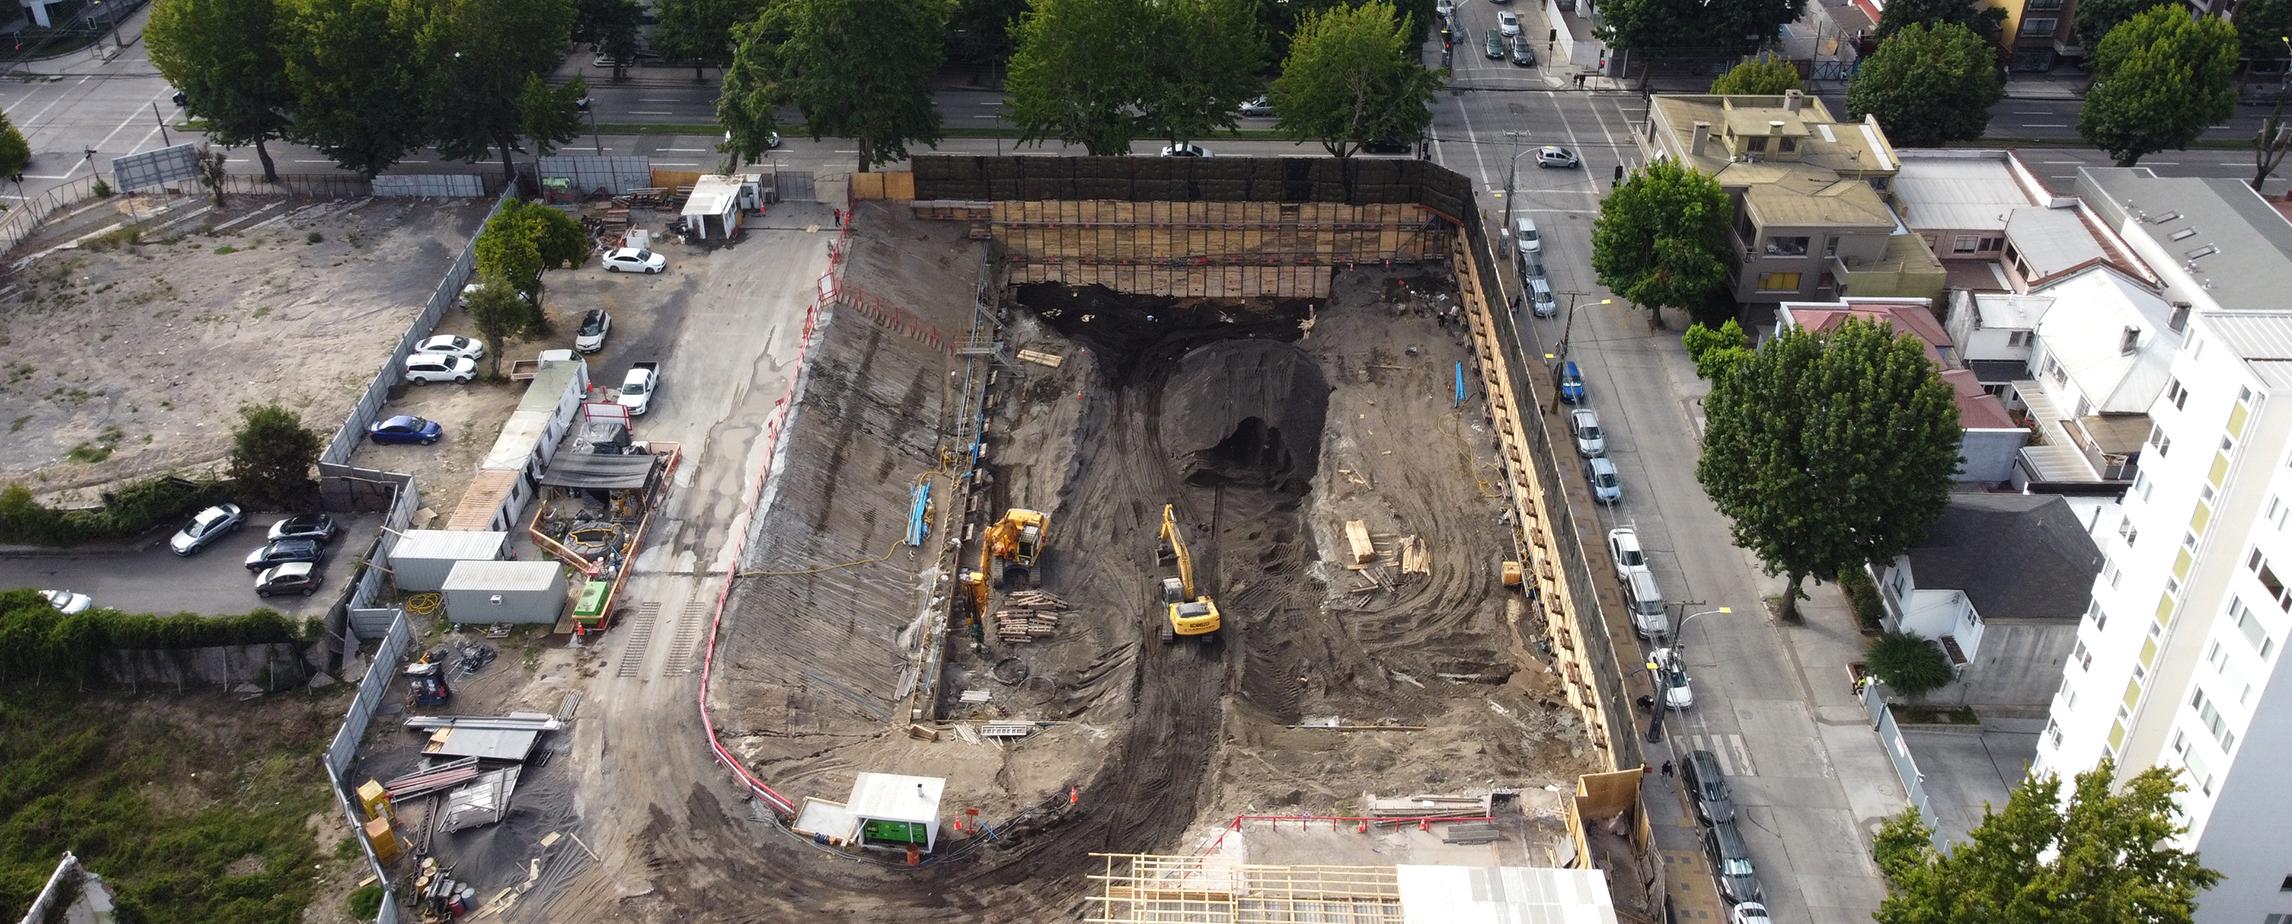 Contención de la excavación con Muro Berlinés, Av. Chacabuco, Concepción